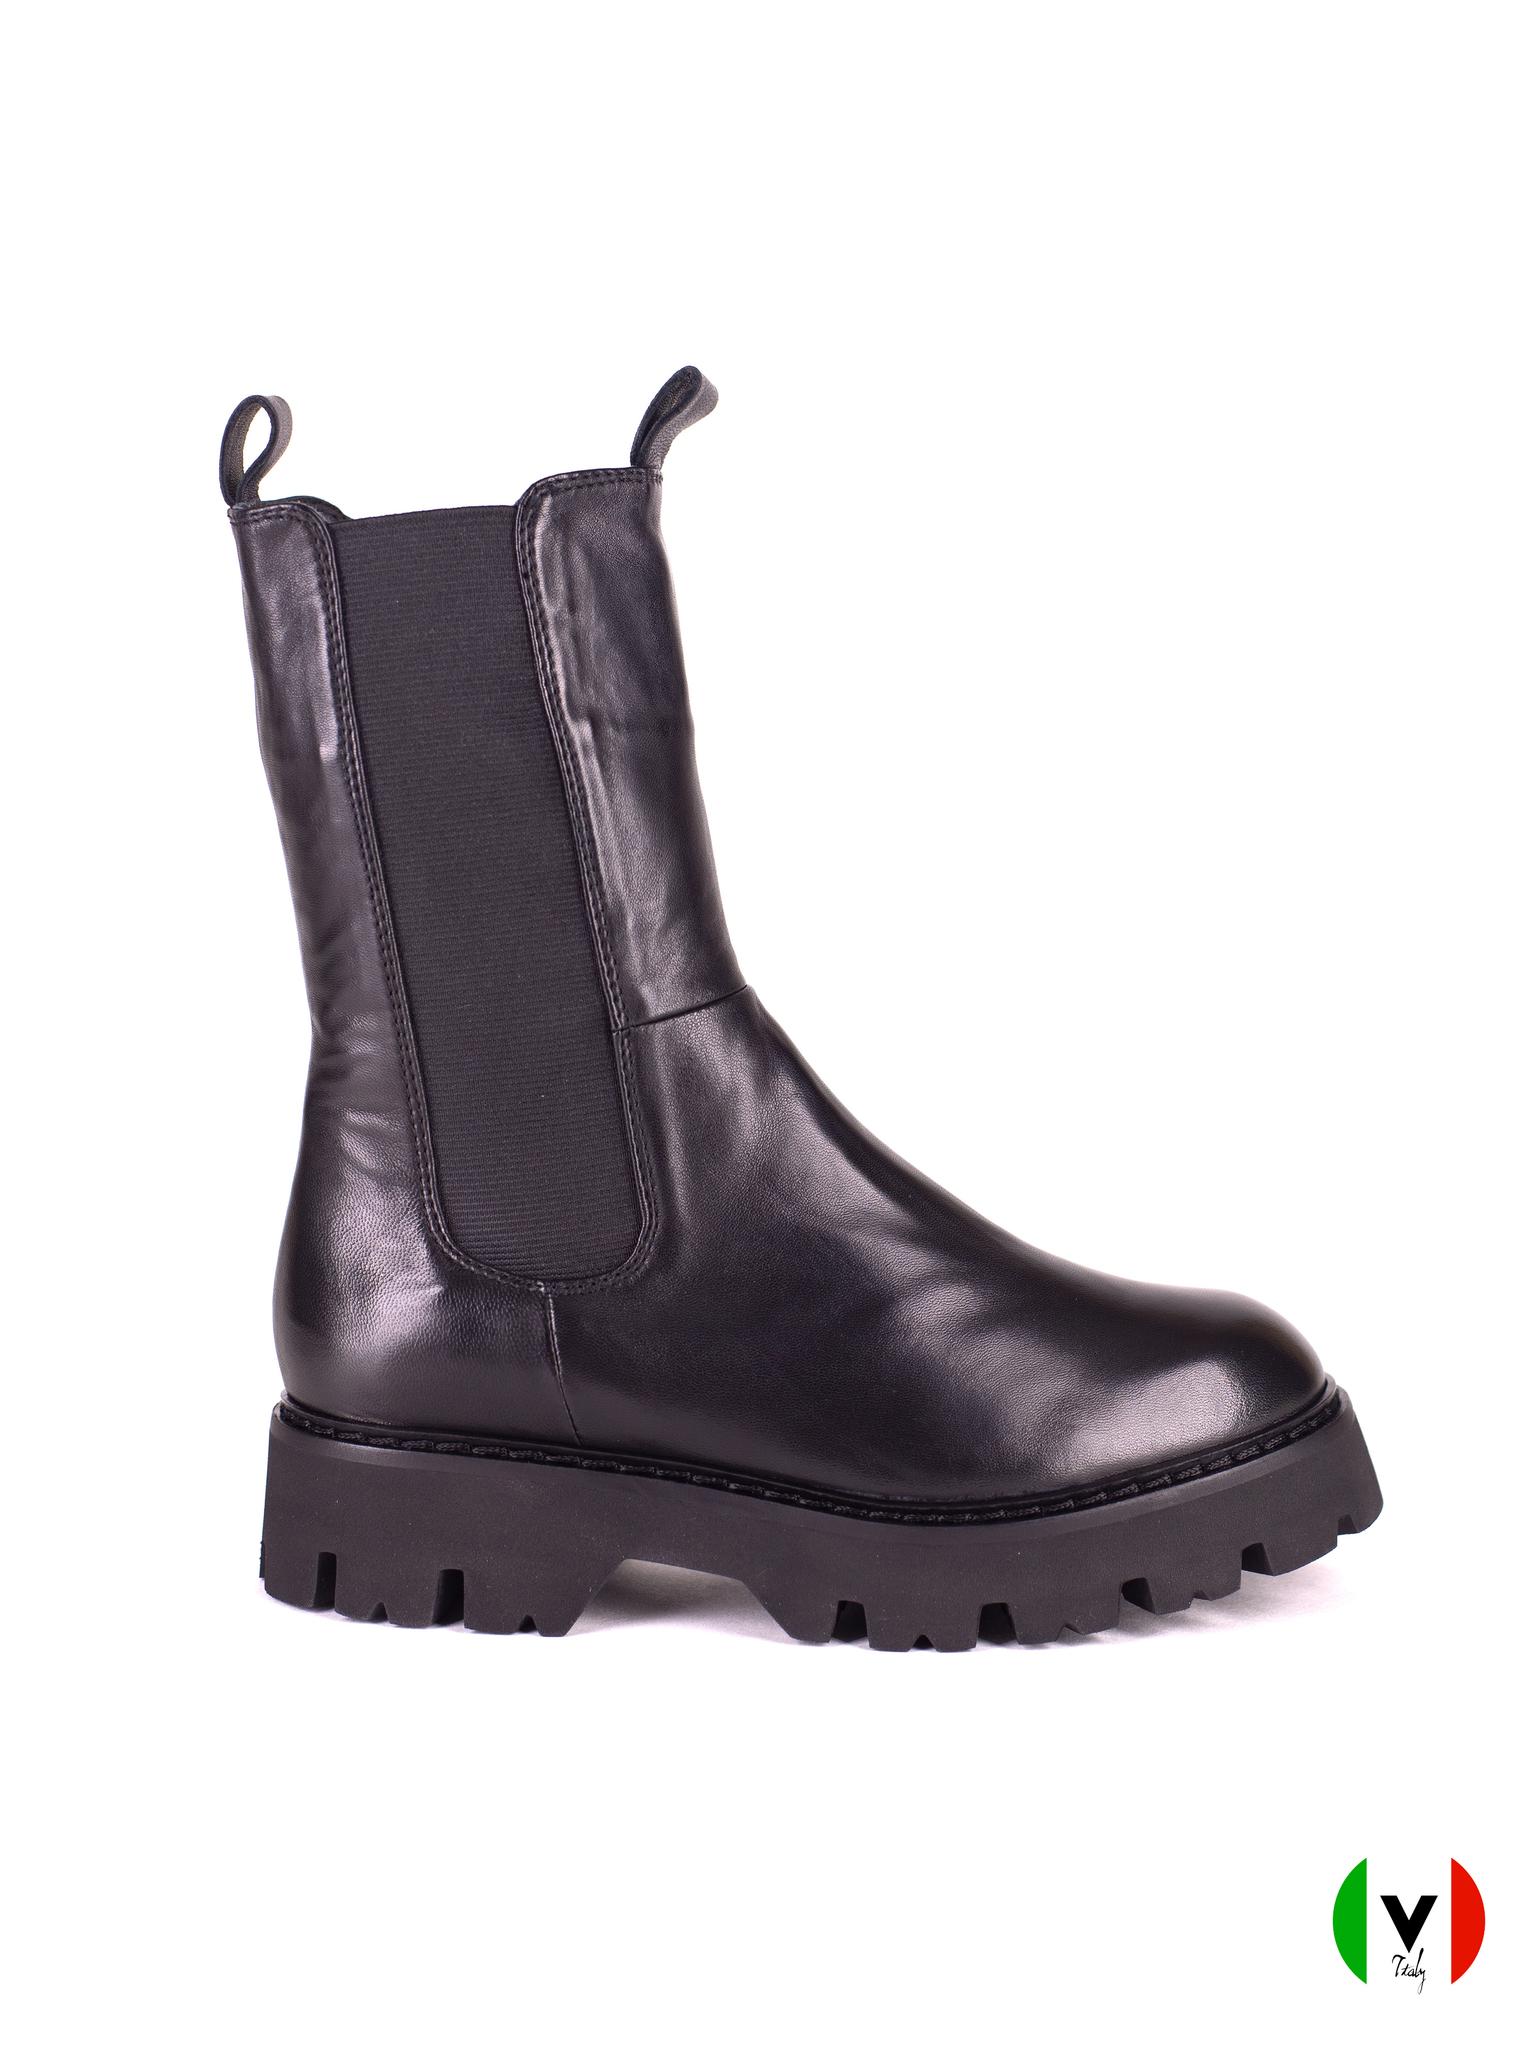 зимние высокие ботинки челси Fru.it с резиновыми вставками, черные, кожаные, артикул 6538,